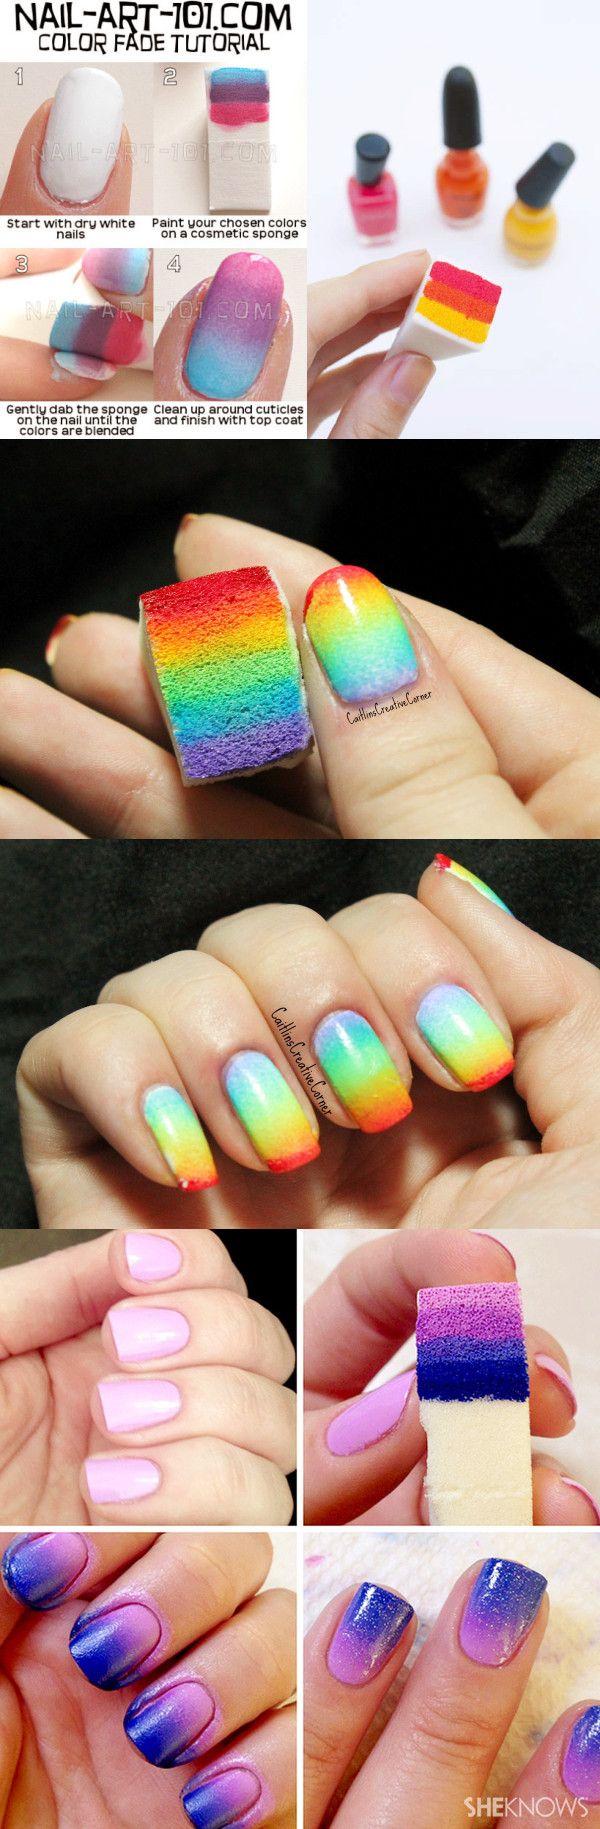 $0.99 3pcs Gradient Nails Soft Sponges for Color Fade Manicure - BornPrettyStore.com